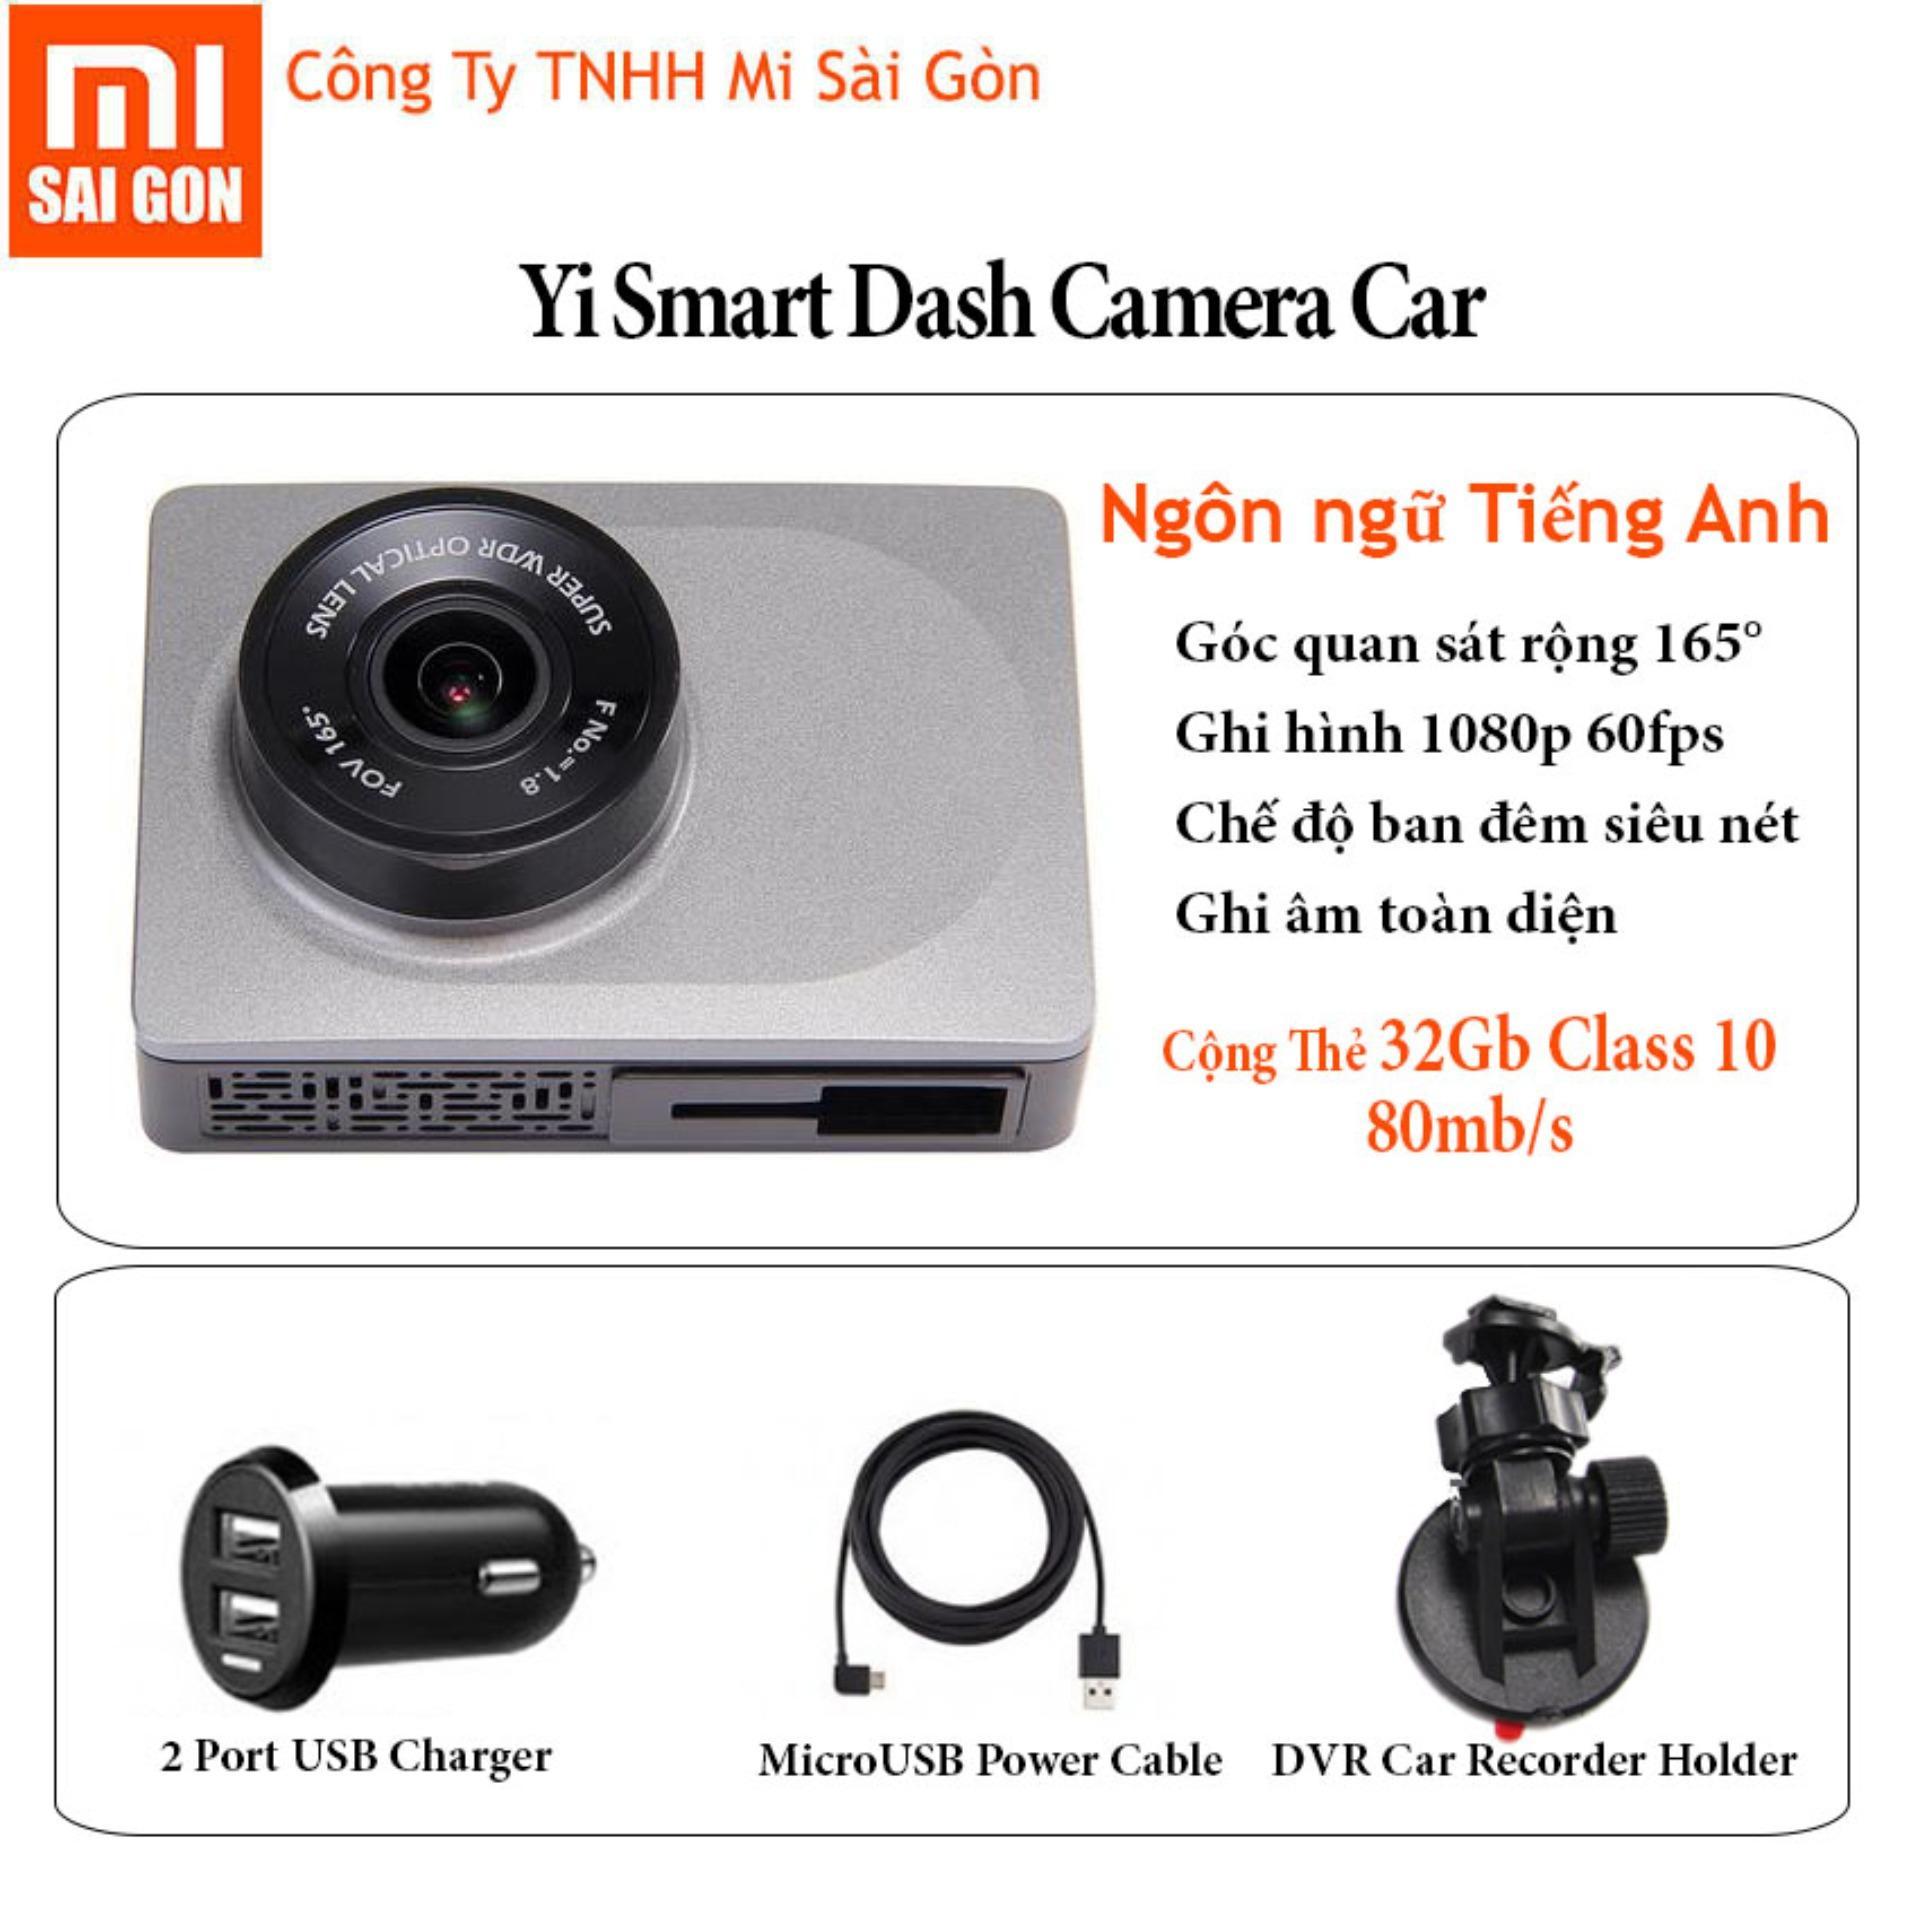 Mã Khuyến Mại Camera Hanh Trinh O To Xiaomi Yi Smart Car Kem Thẻ 32Gb Class 10 Xam Trong Hồ Chí Minh